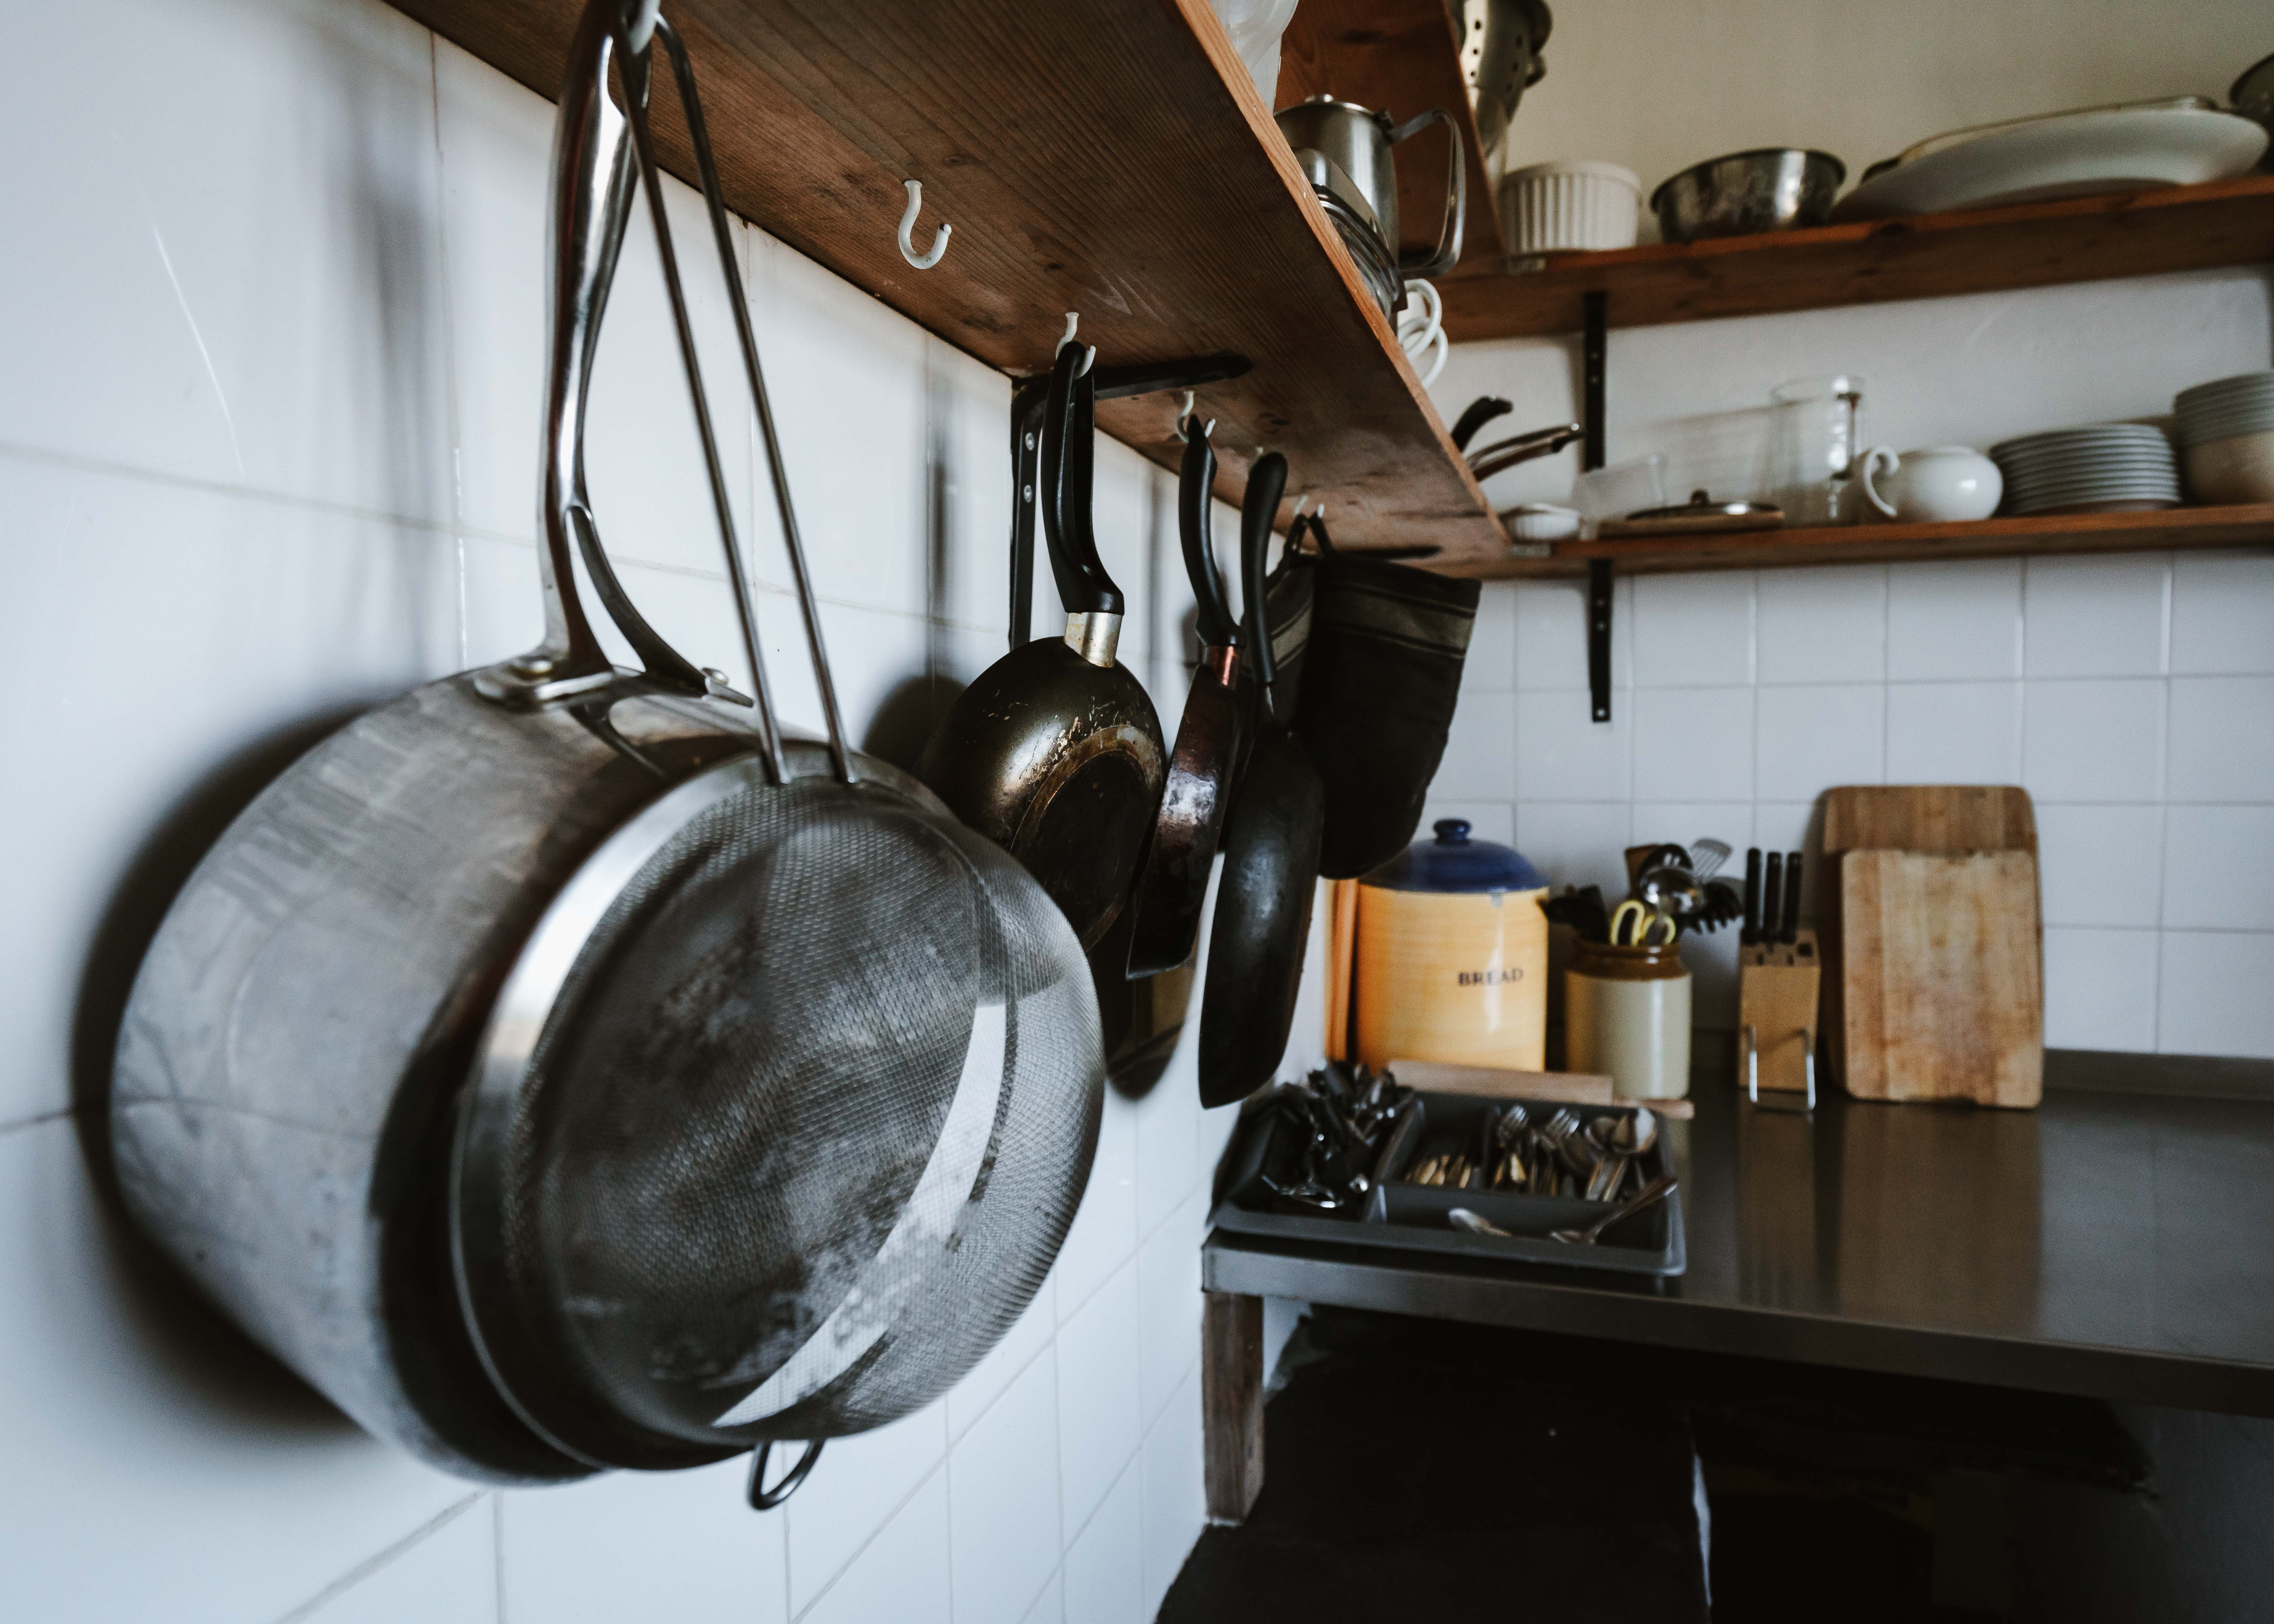 carreg fawr kitchen